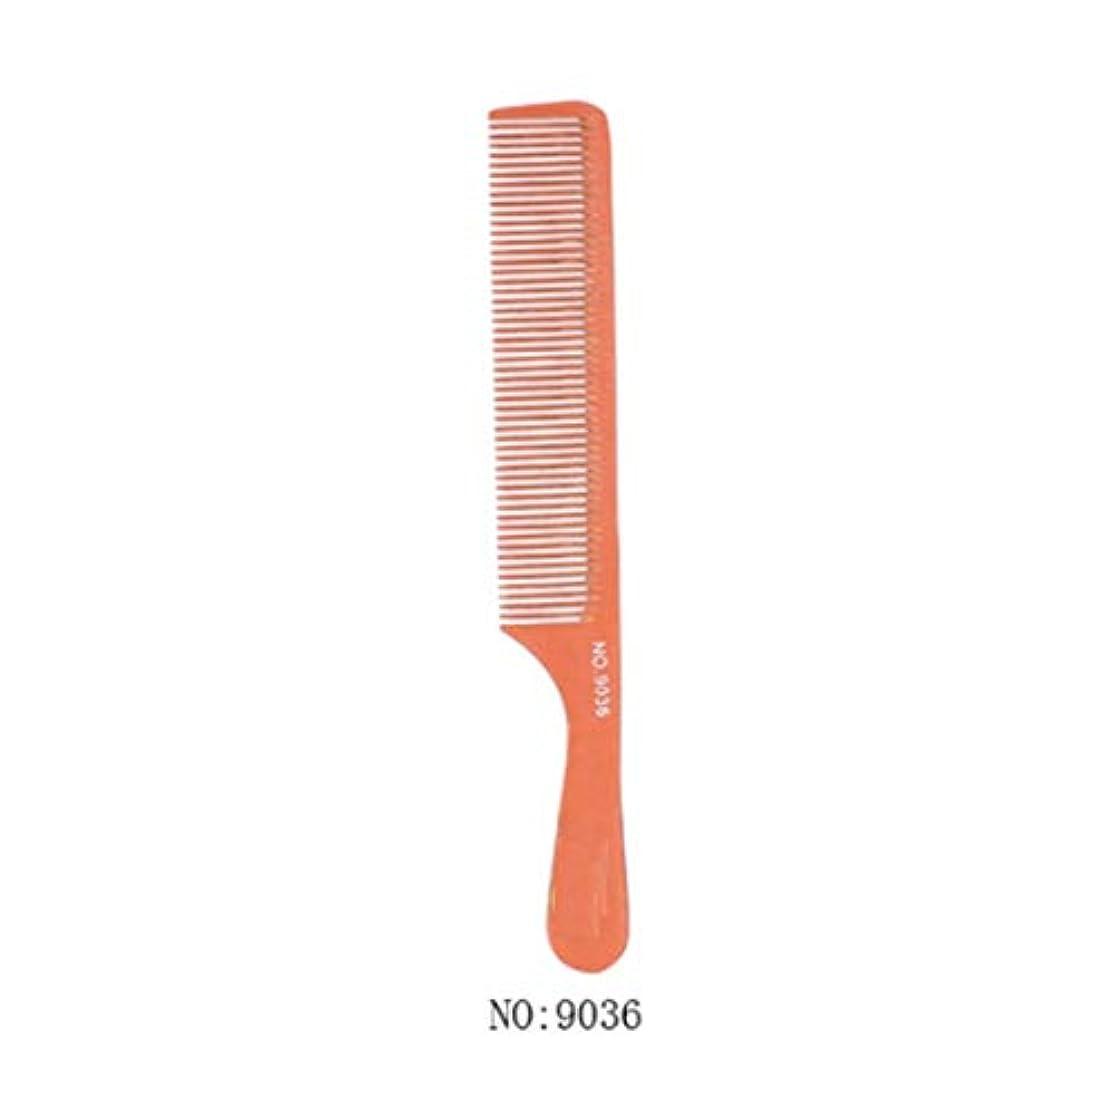 地震繕うこのひげそりの家族 - アンチスタティック&ノースラグ手作りブラシ - ひげ、頭髪、口ひげ (Design : 9036)